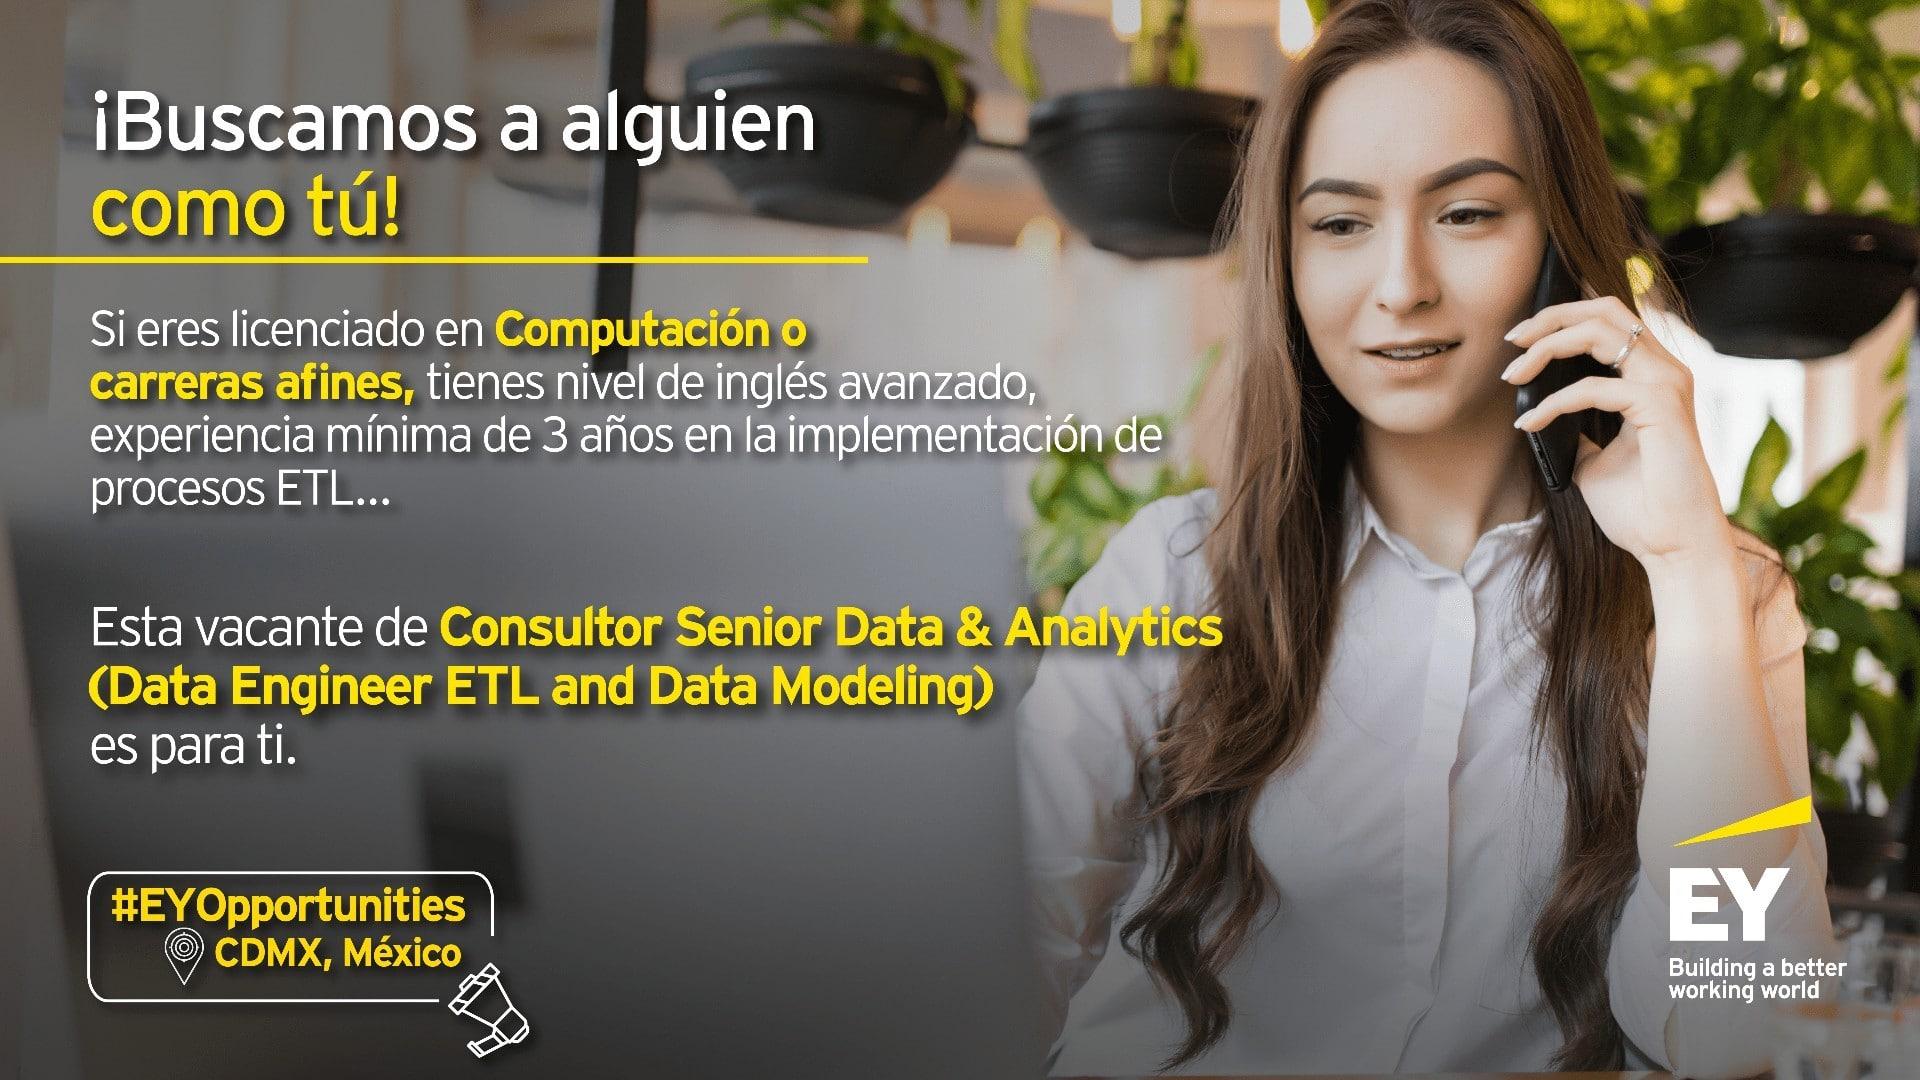 Consultor Senior Data & Analytics: Data Engineer ETL and Data Modeling